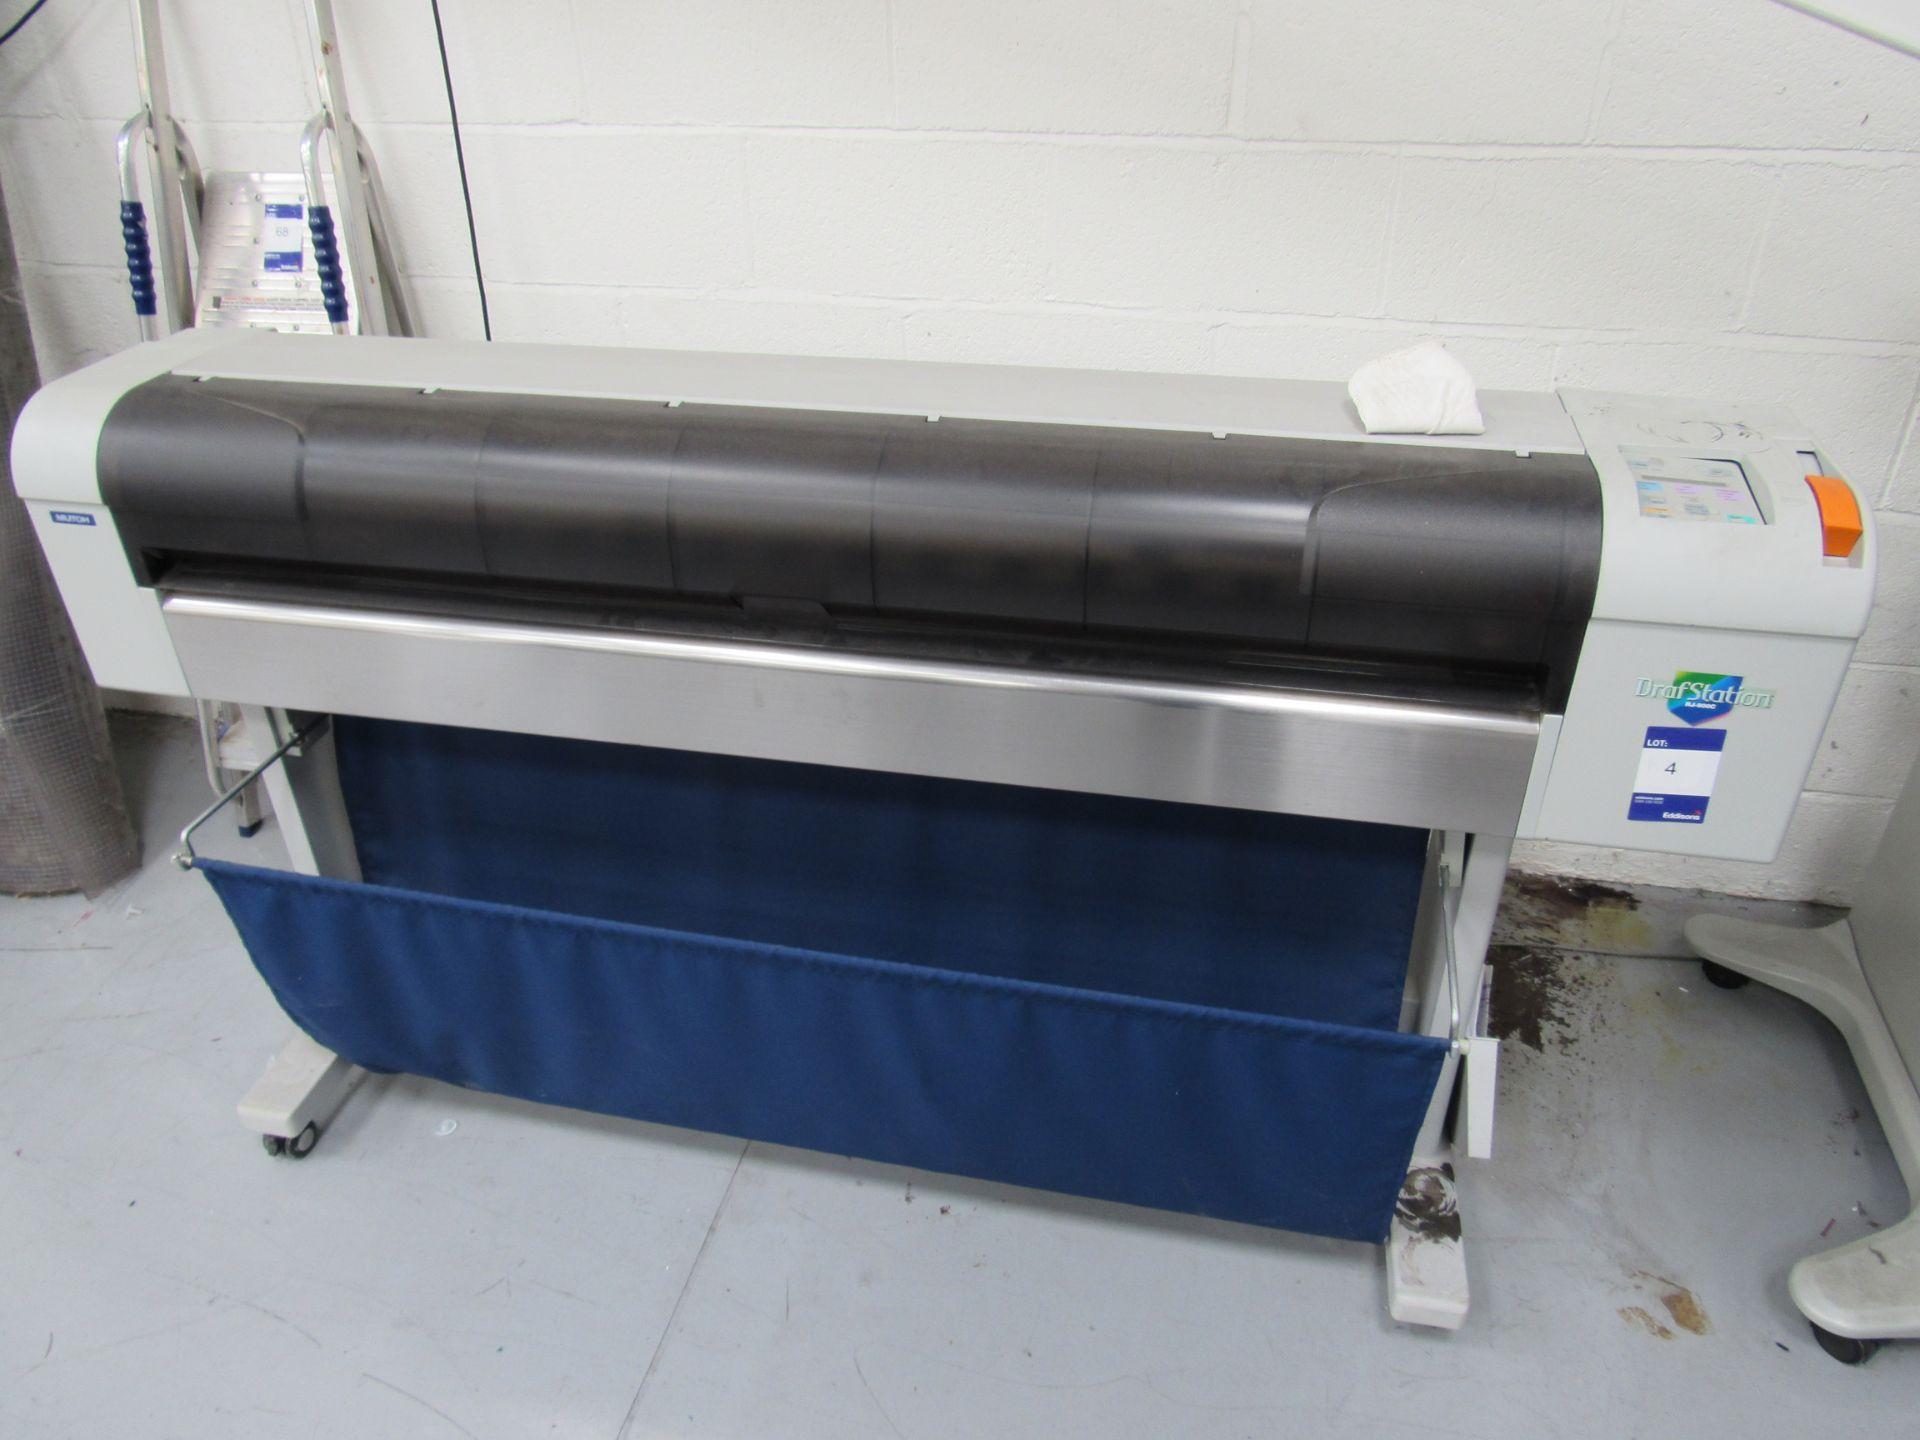 Mlitoh RJ-900C Wide Format Printer 1150mm Serial Number FN4E004886